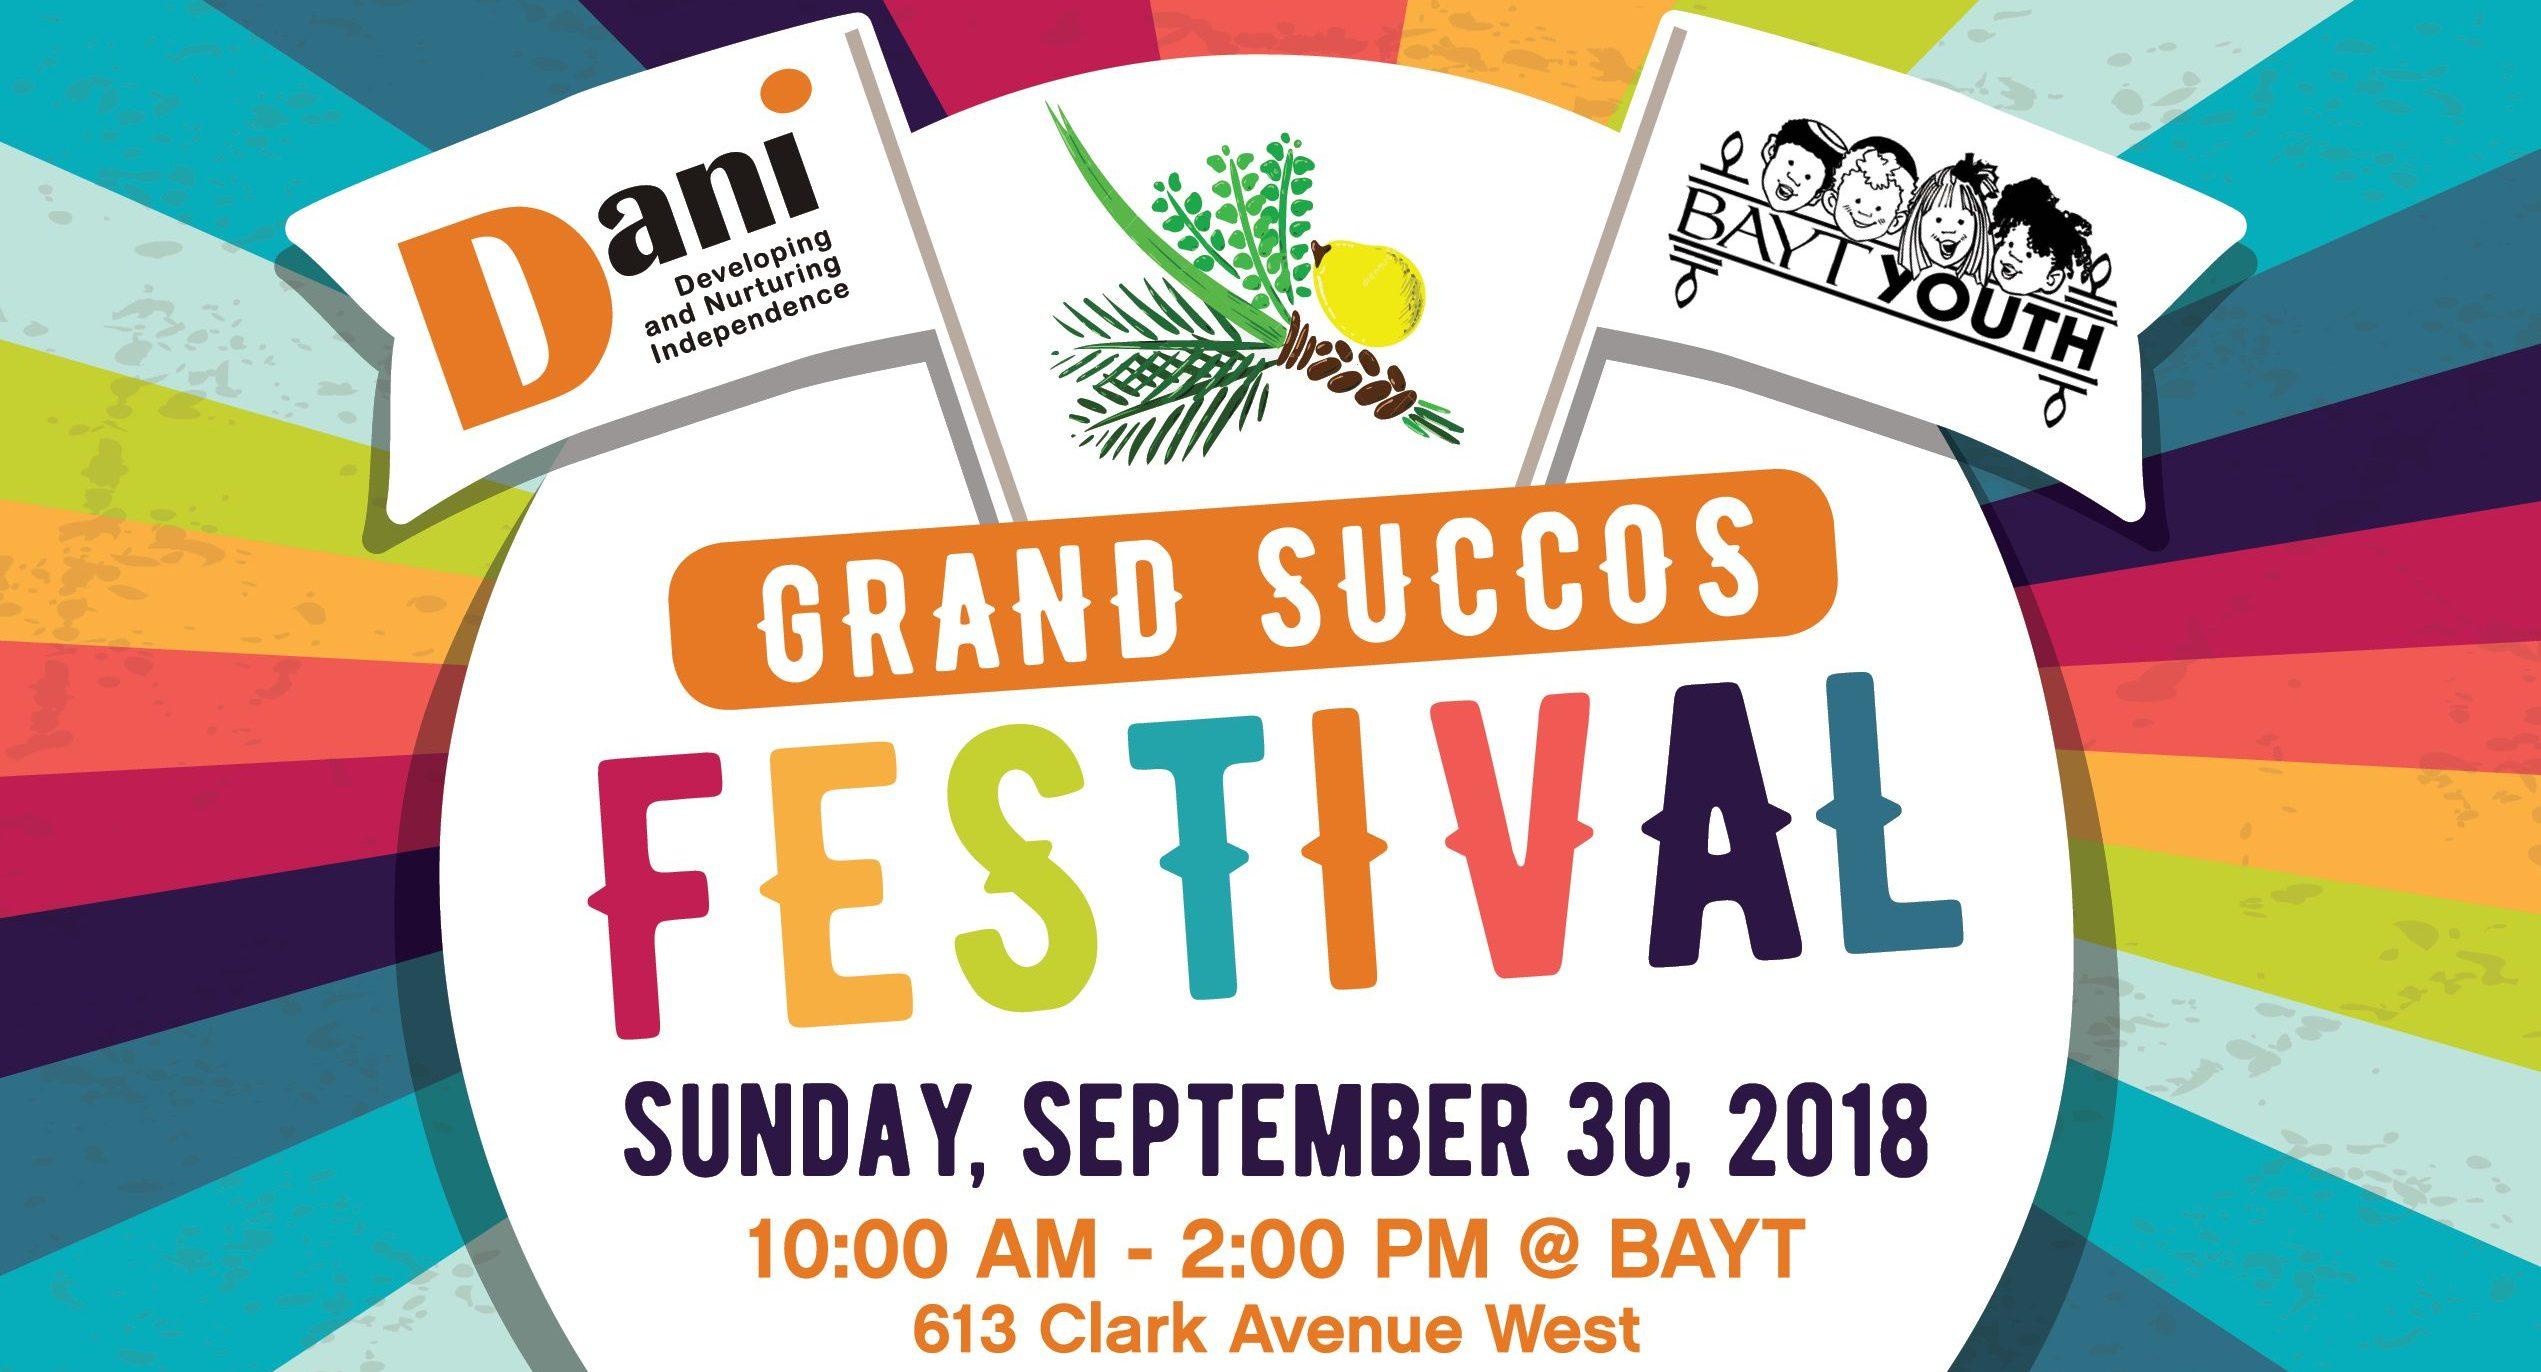 DANI Grand Succos Festival